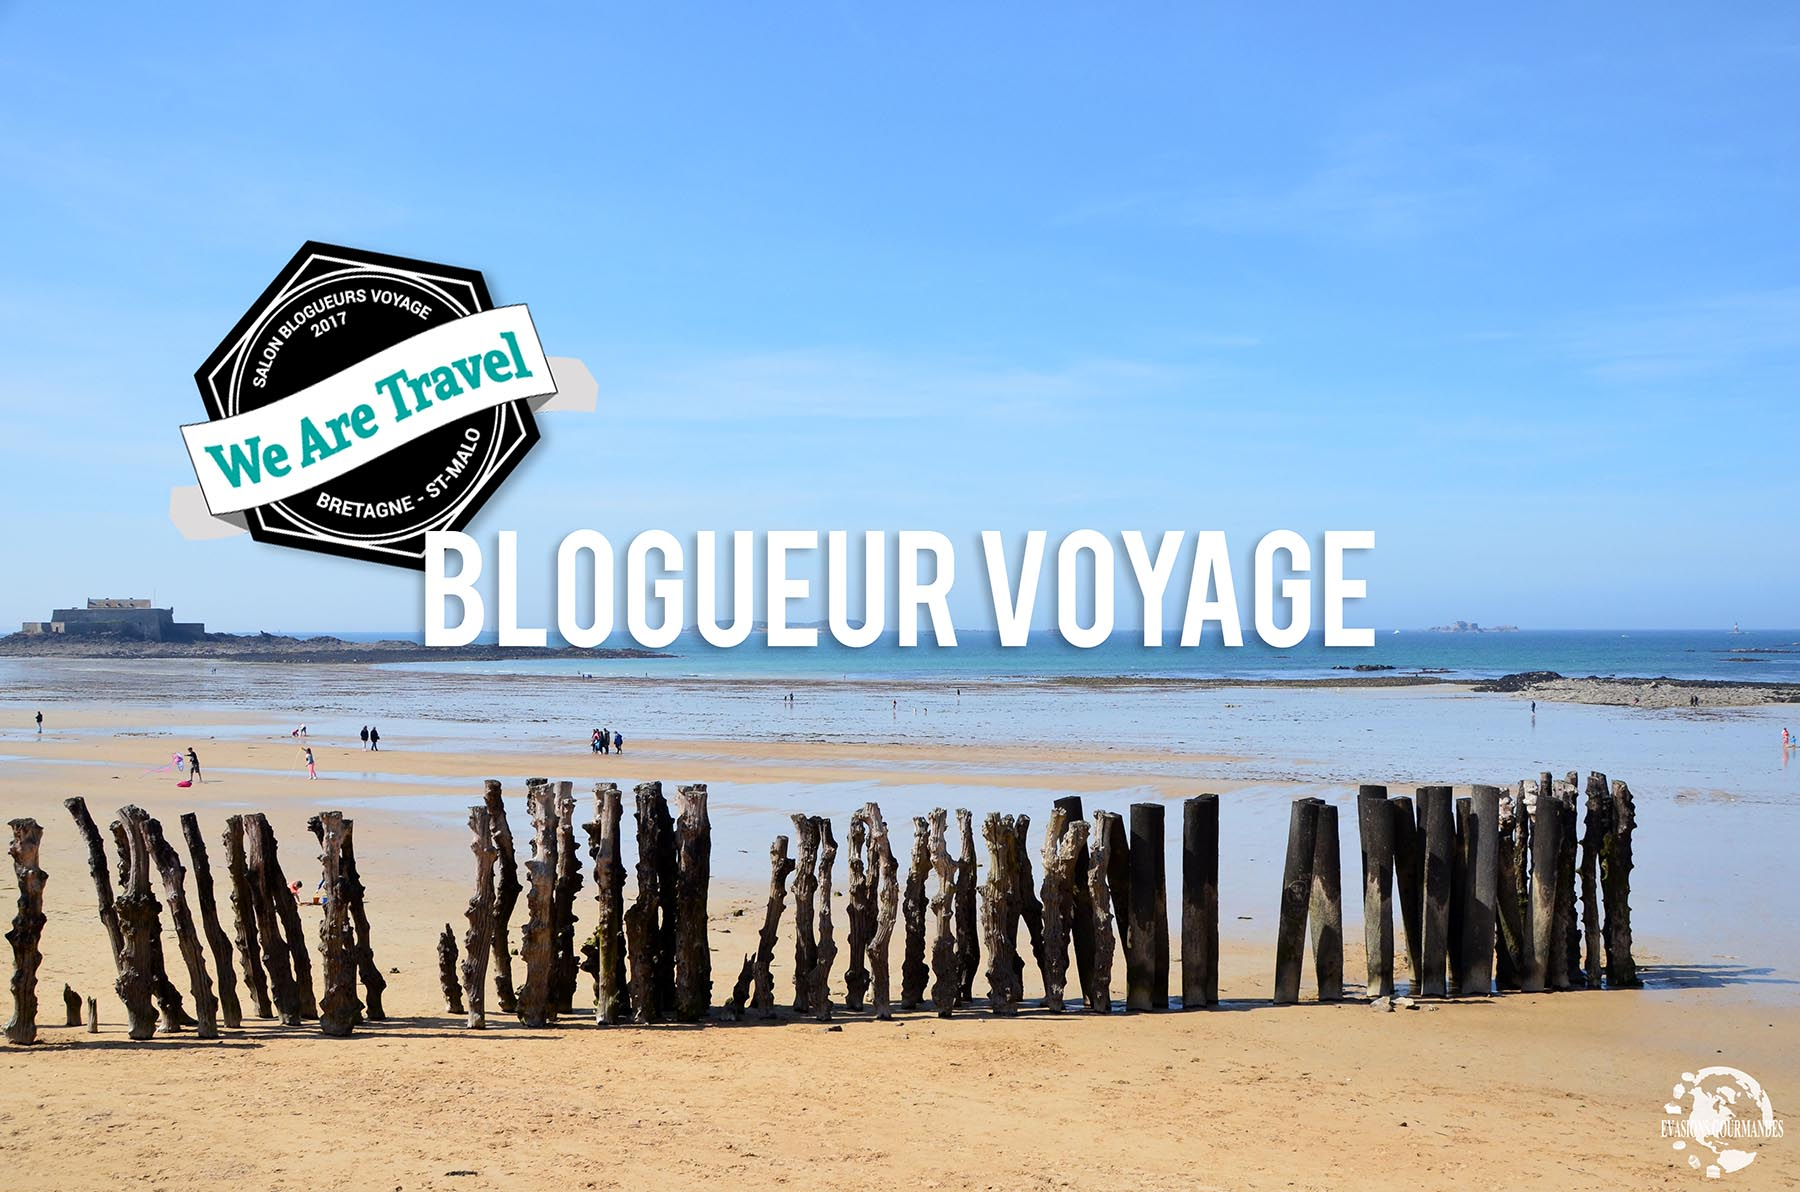 Blogueur Voyage